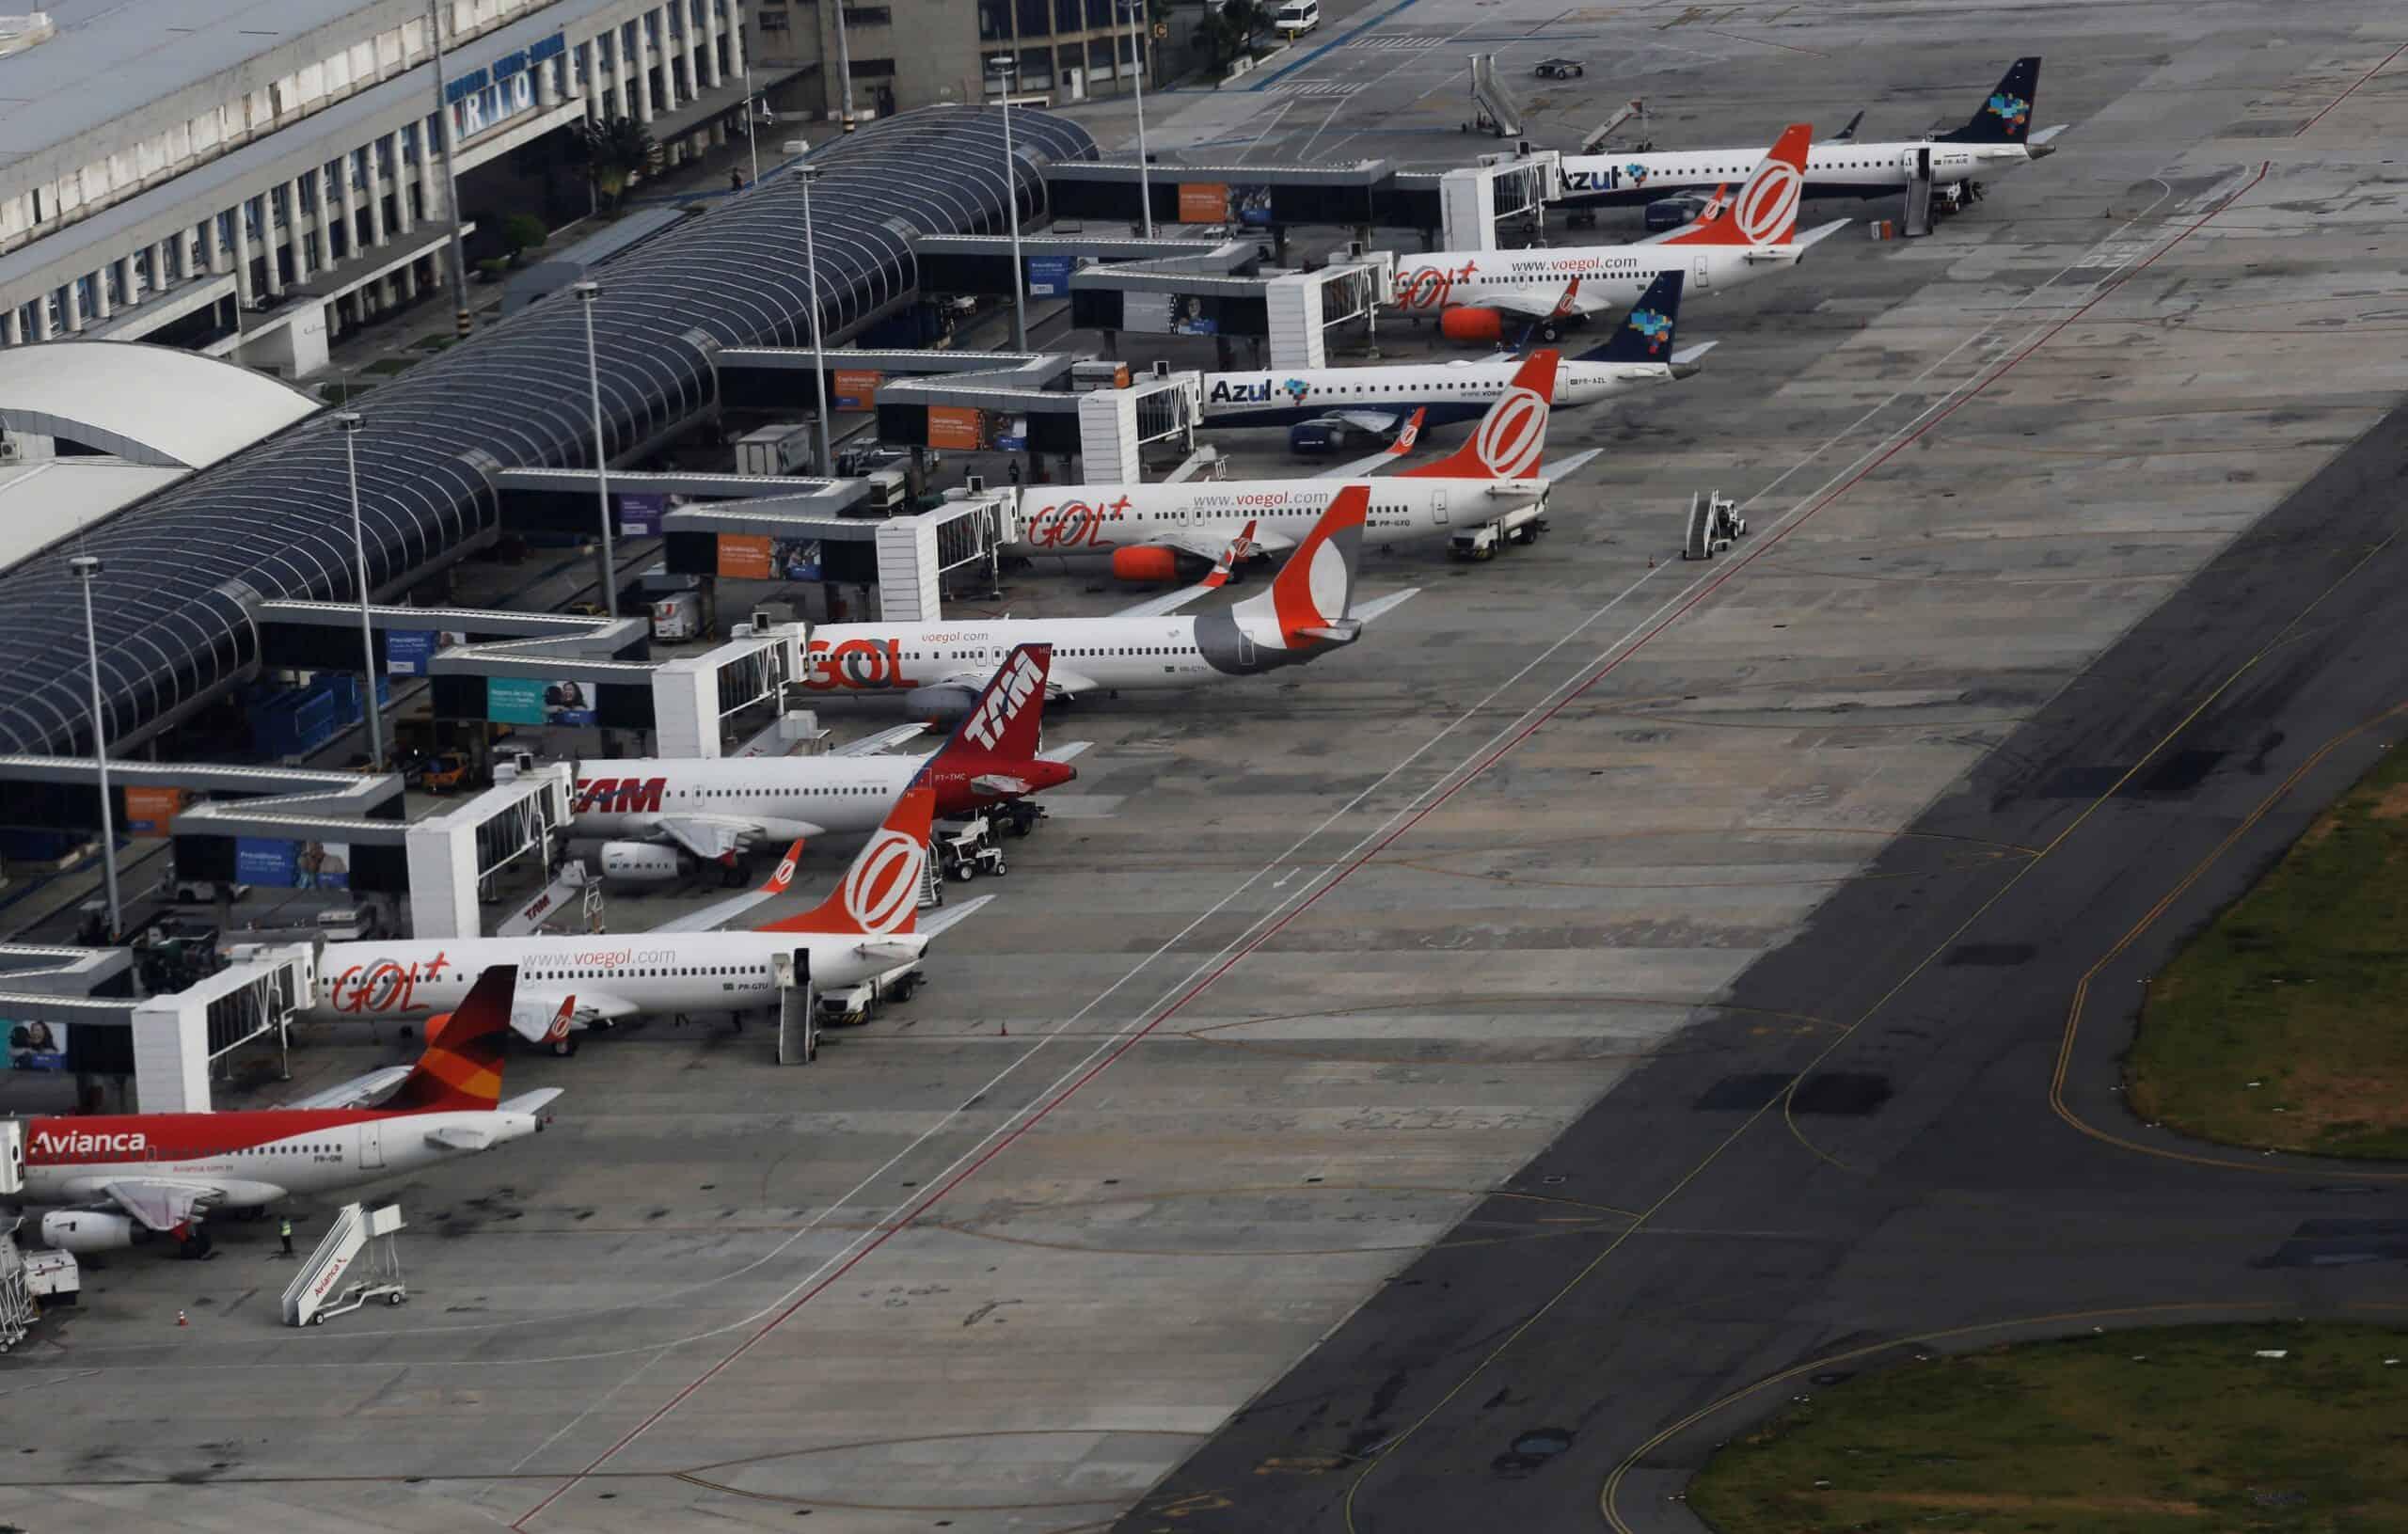 Lei garante reembolso de passagens áereas em até 12 meses